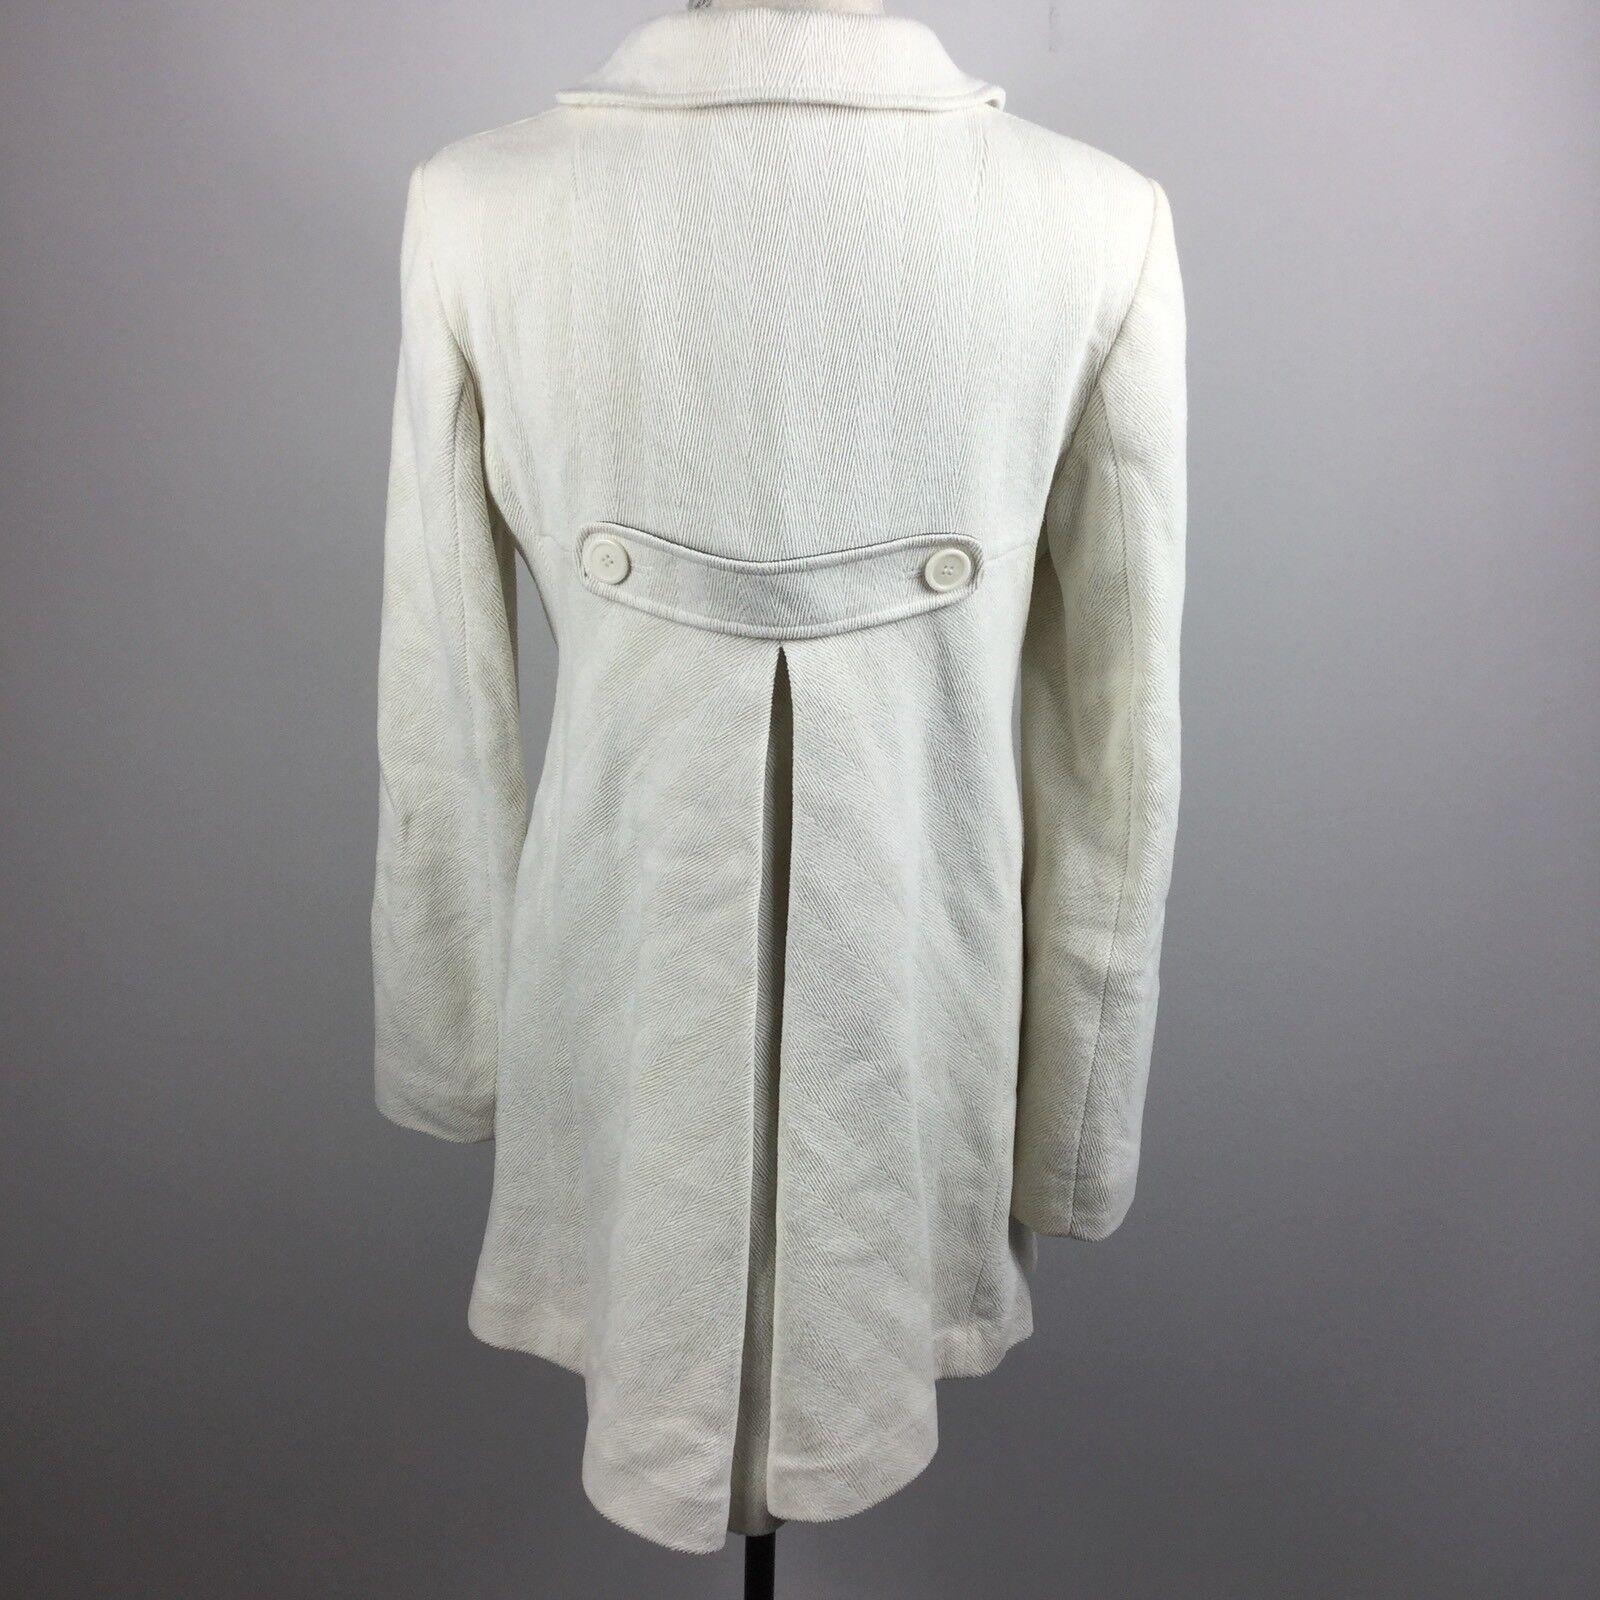 Sasch Firenze Italia Womans White Button Down Pea Coat Coat Coat Size Large 448cdb